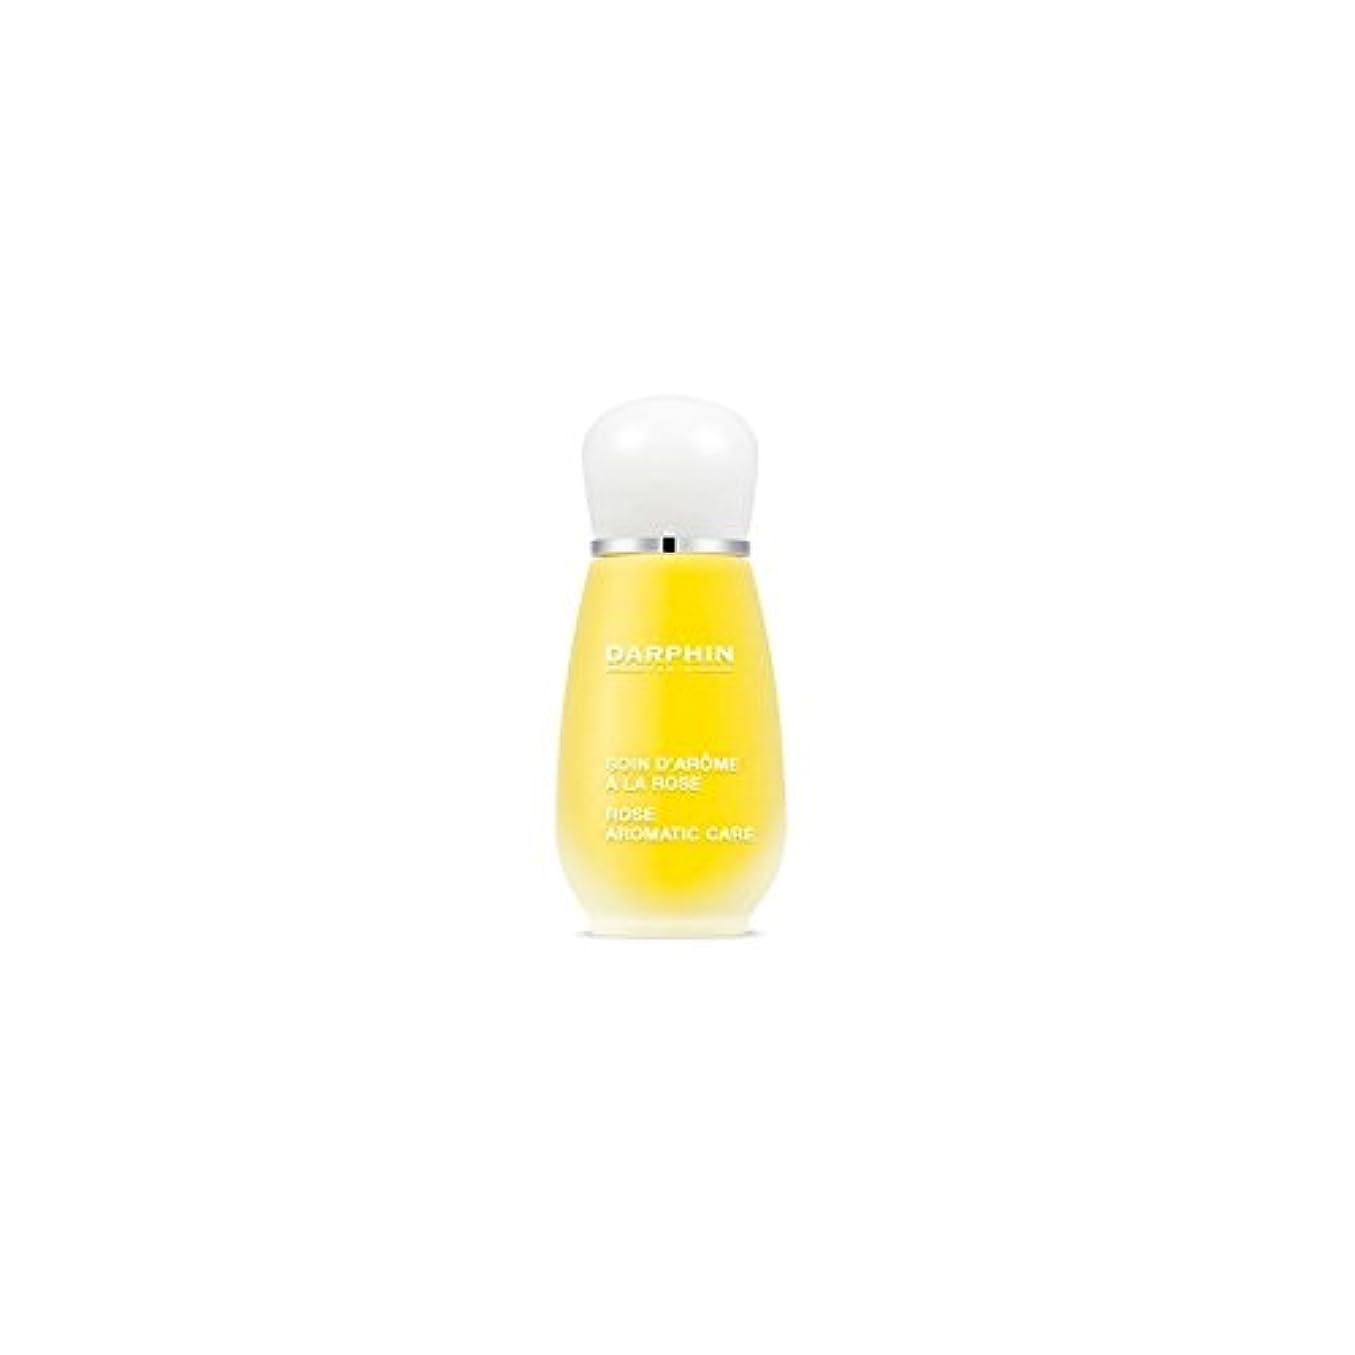 アラスカ斧流星Darphin Rose Aromatic Care (15ml) (Pack of 6) - 芳香ケア(15ミリリットル)をバラダルファン x6 [並行輸入品]